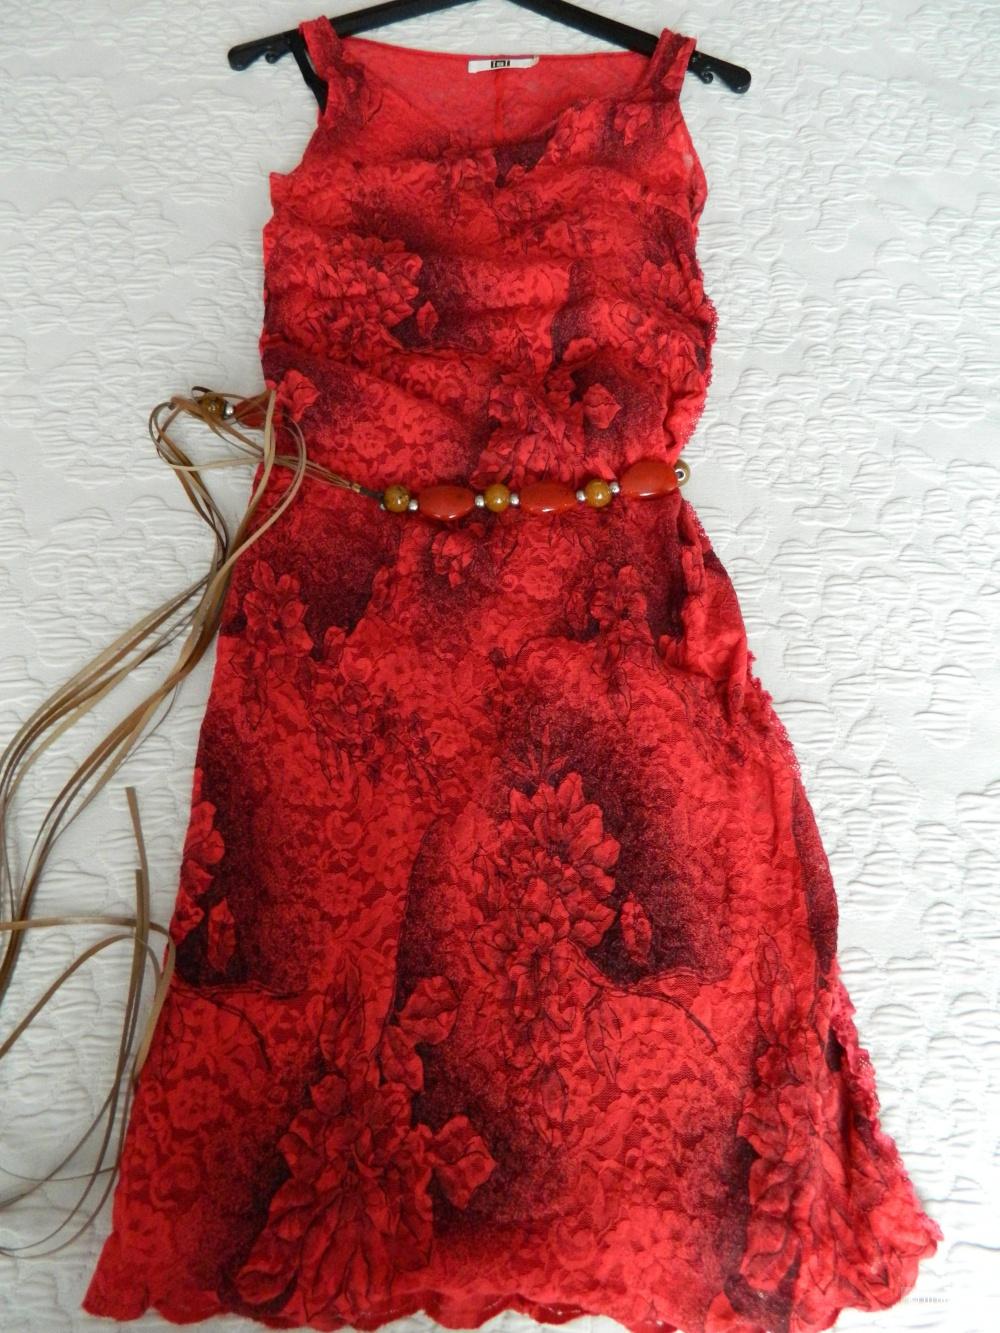 Кружевное платье Isi, размер S